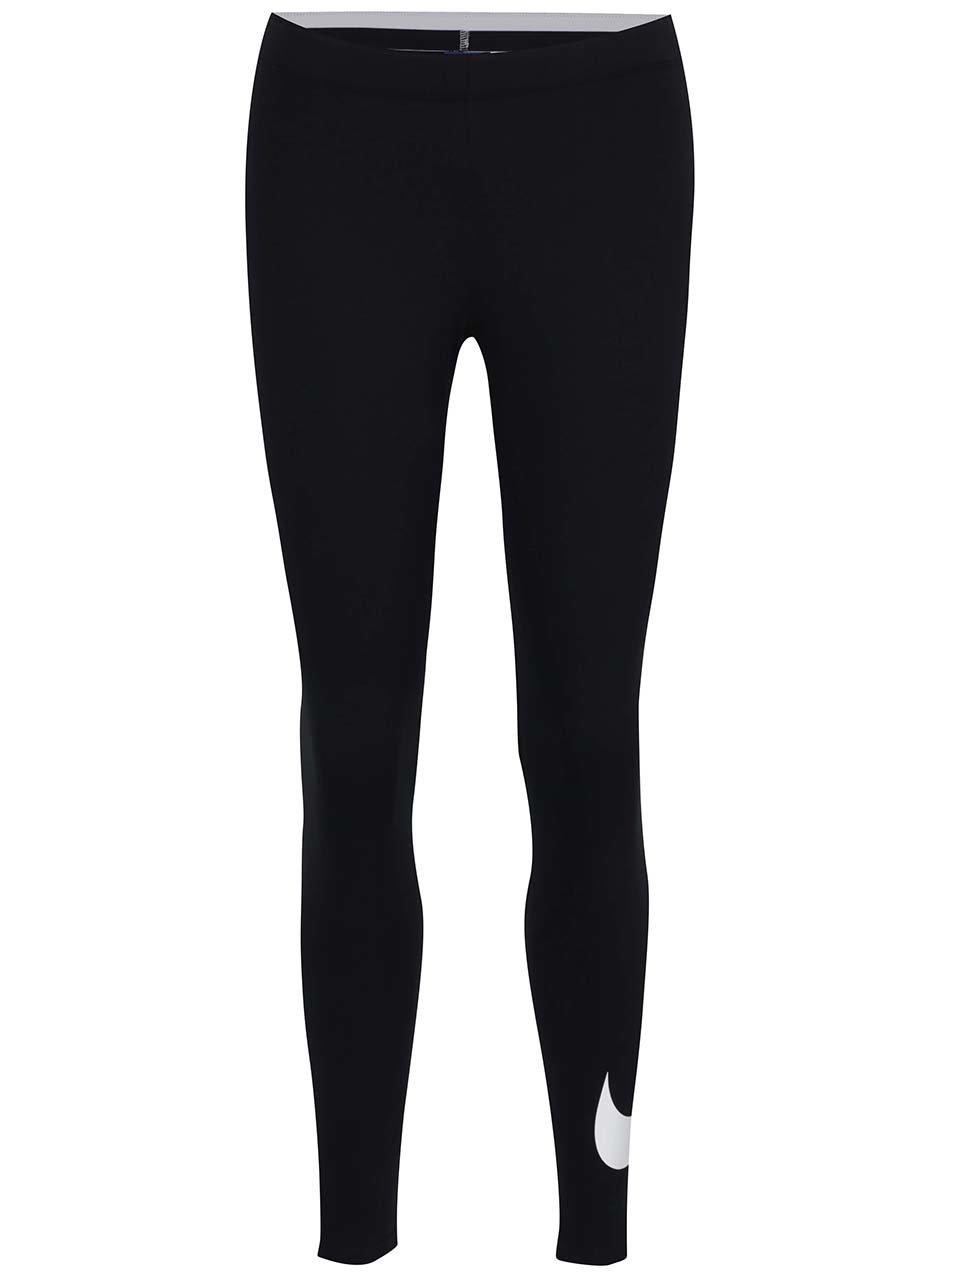 Černé dámské funkční legíny Nike Sportswear ... 6f8fc4a2ed